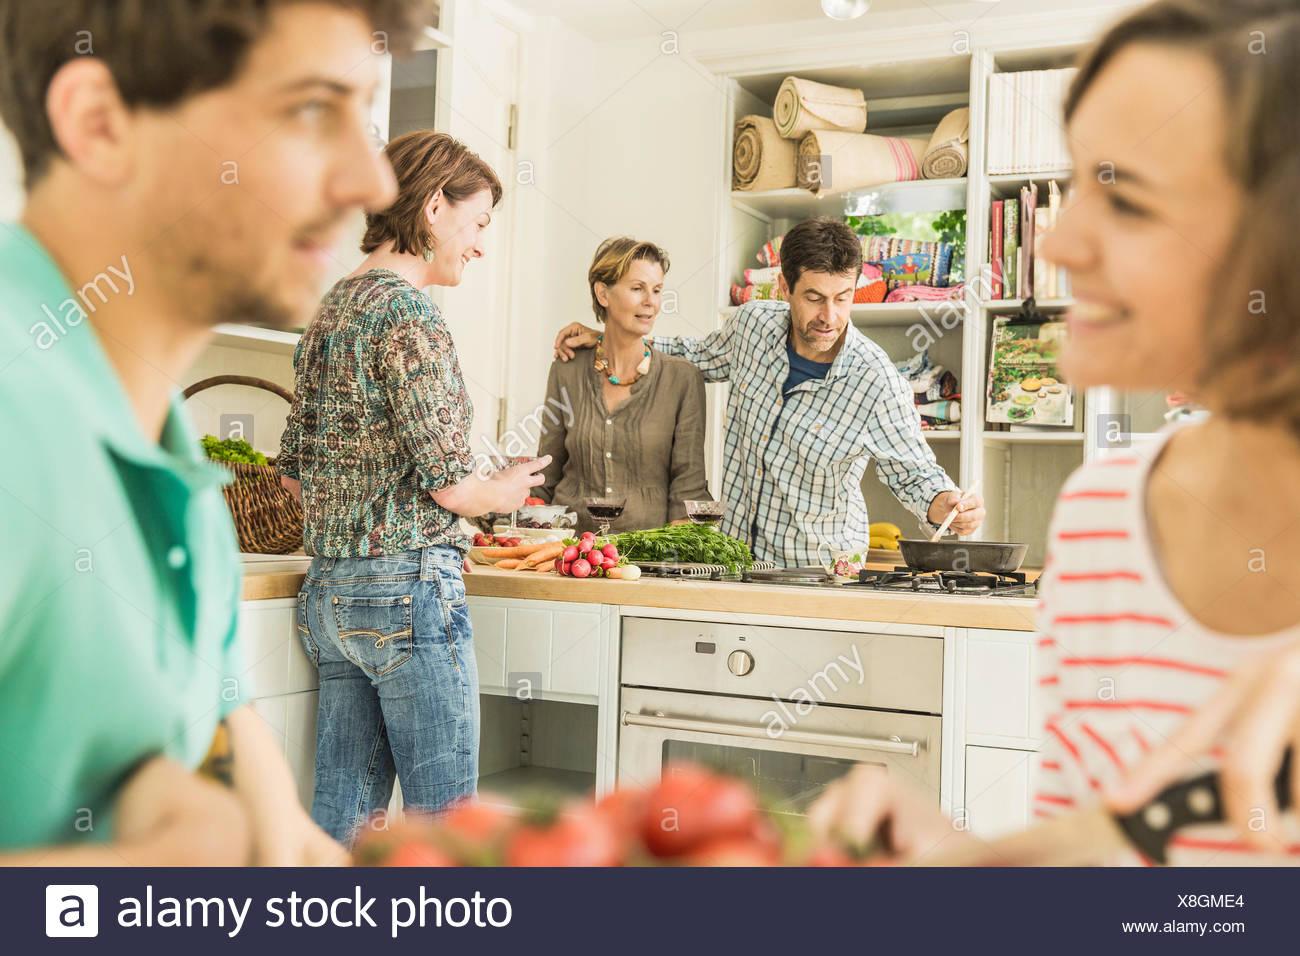 Cinco amigos adultos reunión por parte de la cena en la cocina Imagen De Stock